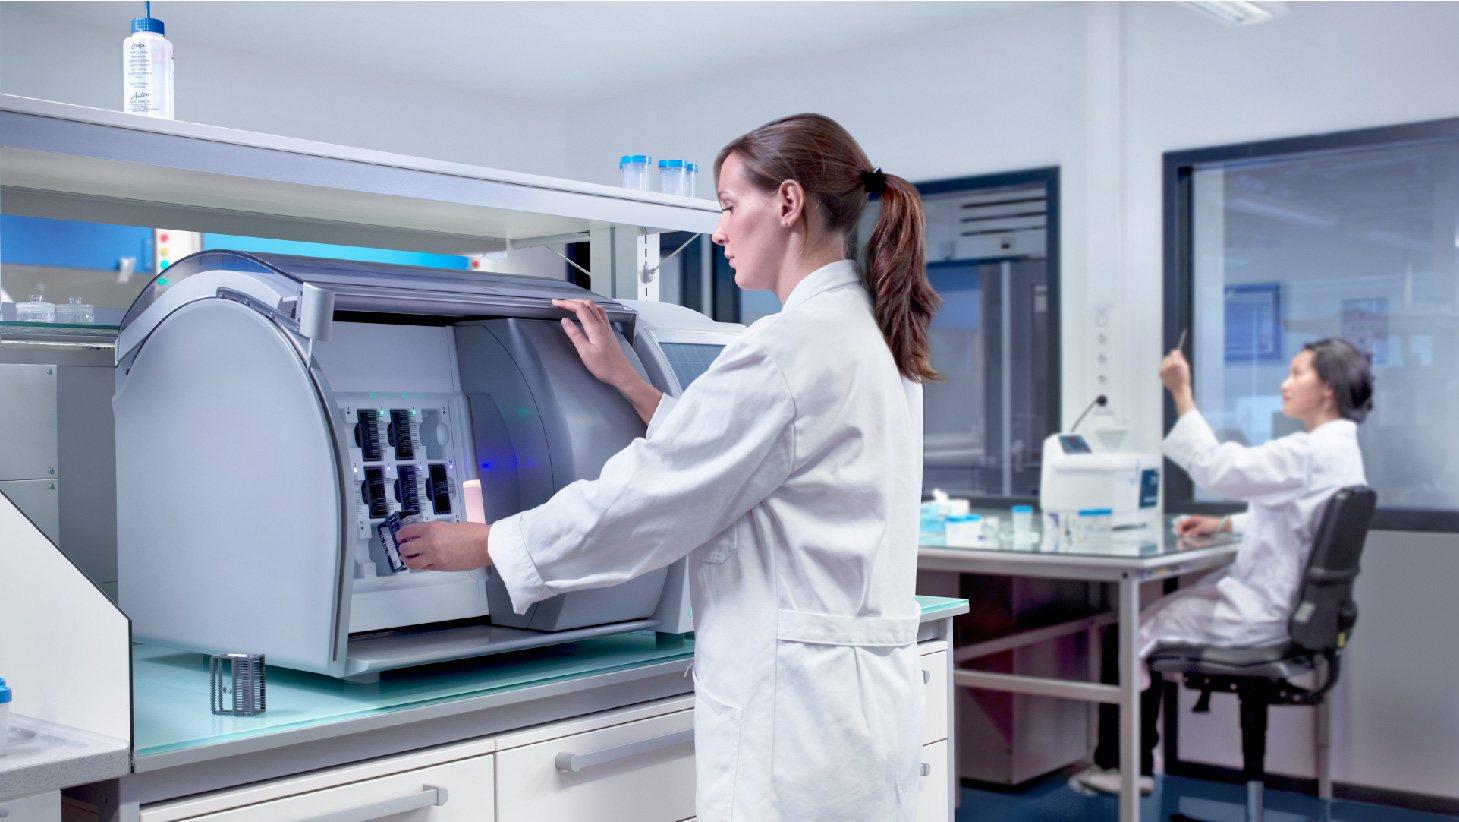 Philips, Ibex Medical Analytics Partner on AI-Powered Digital Pathology Adoption